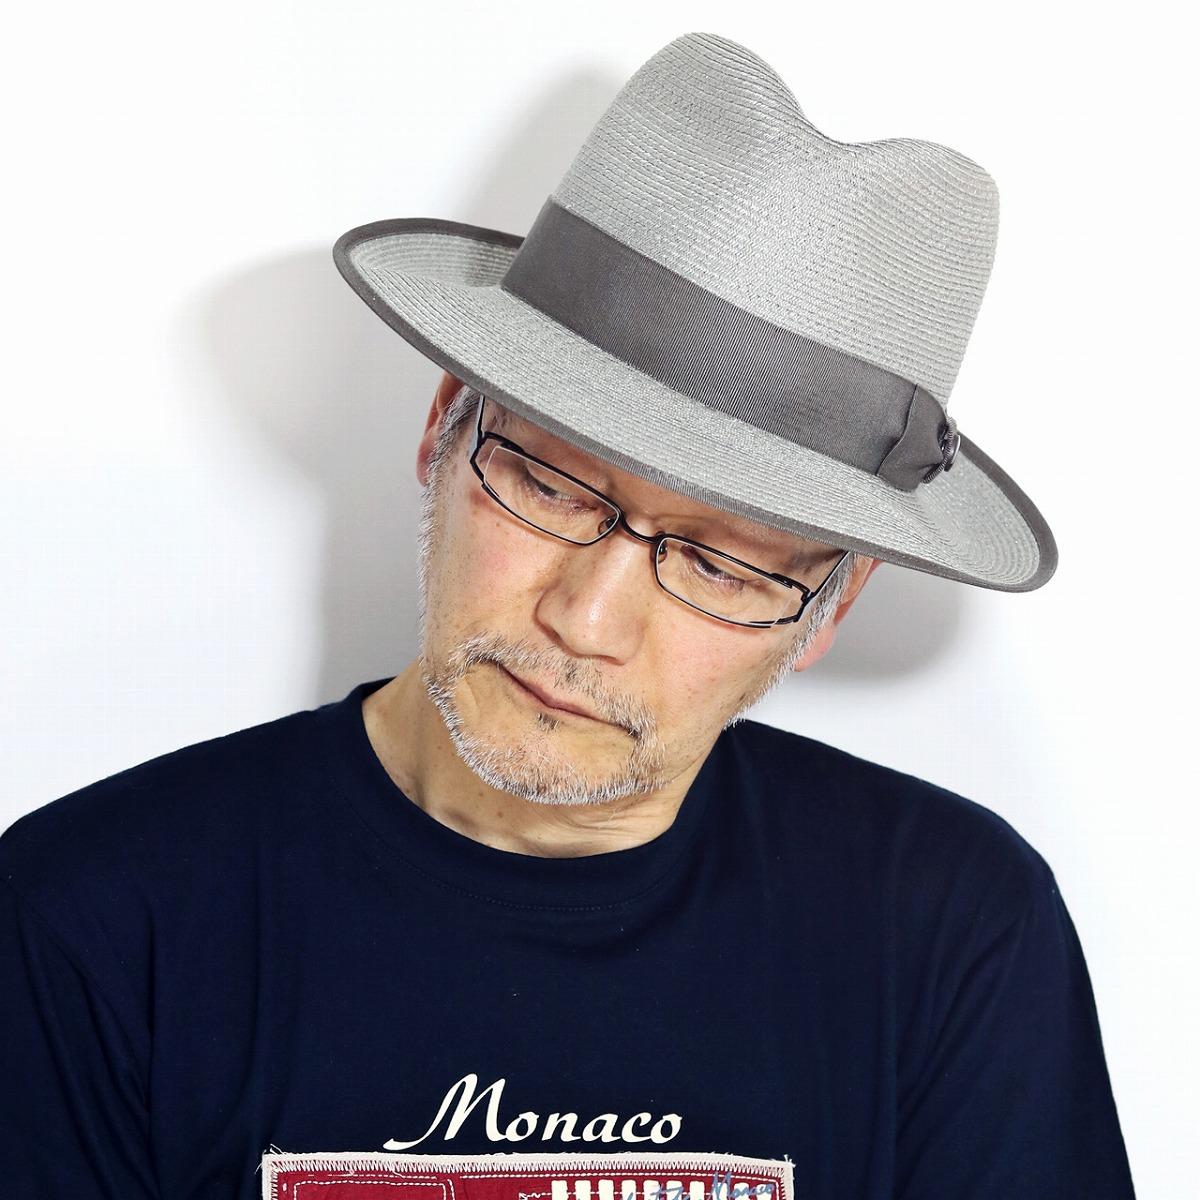 麦わら帽子 春 夏 ストローハット STETSON 天然草木 HAT 涼しい 帽子 紳士 メンズ 日本製 ステットソン 中折れハット 日よけ 夏用 麦わら帽 58cm 60cm / グレー[ straw hat ][ fedora hat ]送料無料 男性 プレゼント 父の日 ギフト ラッピング無料